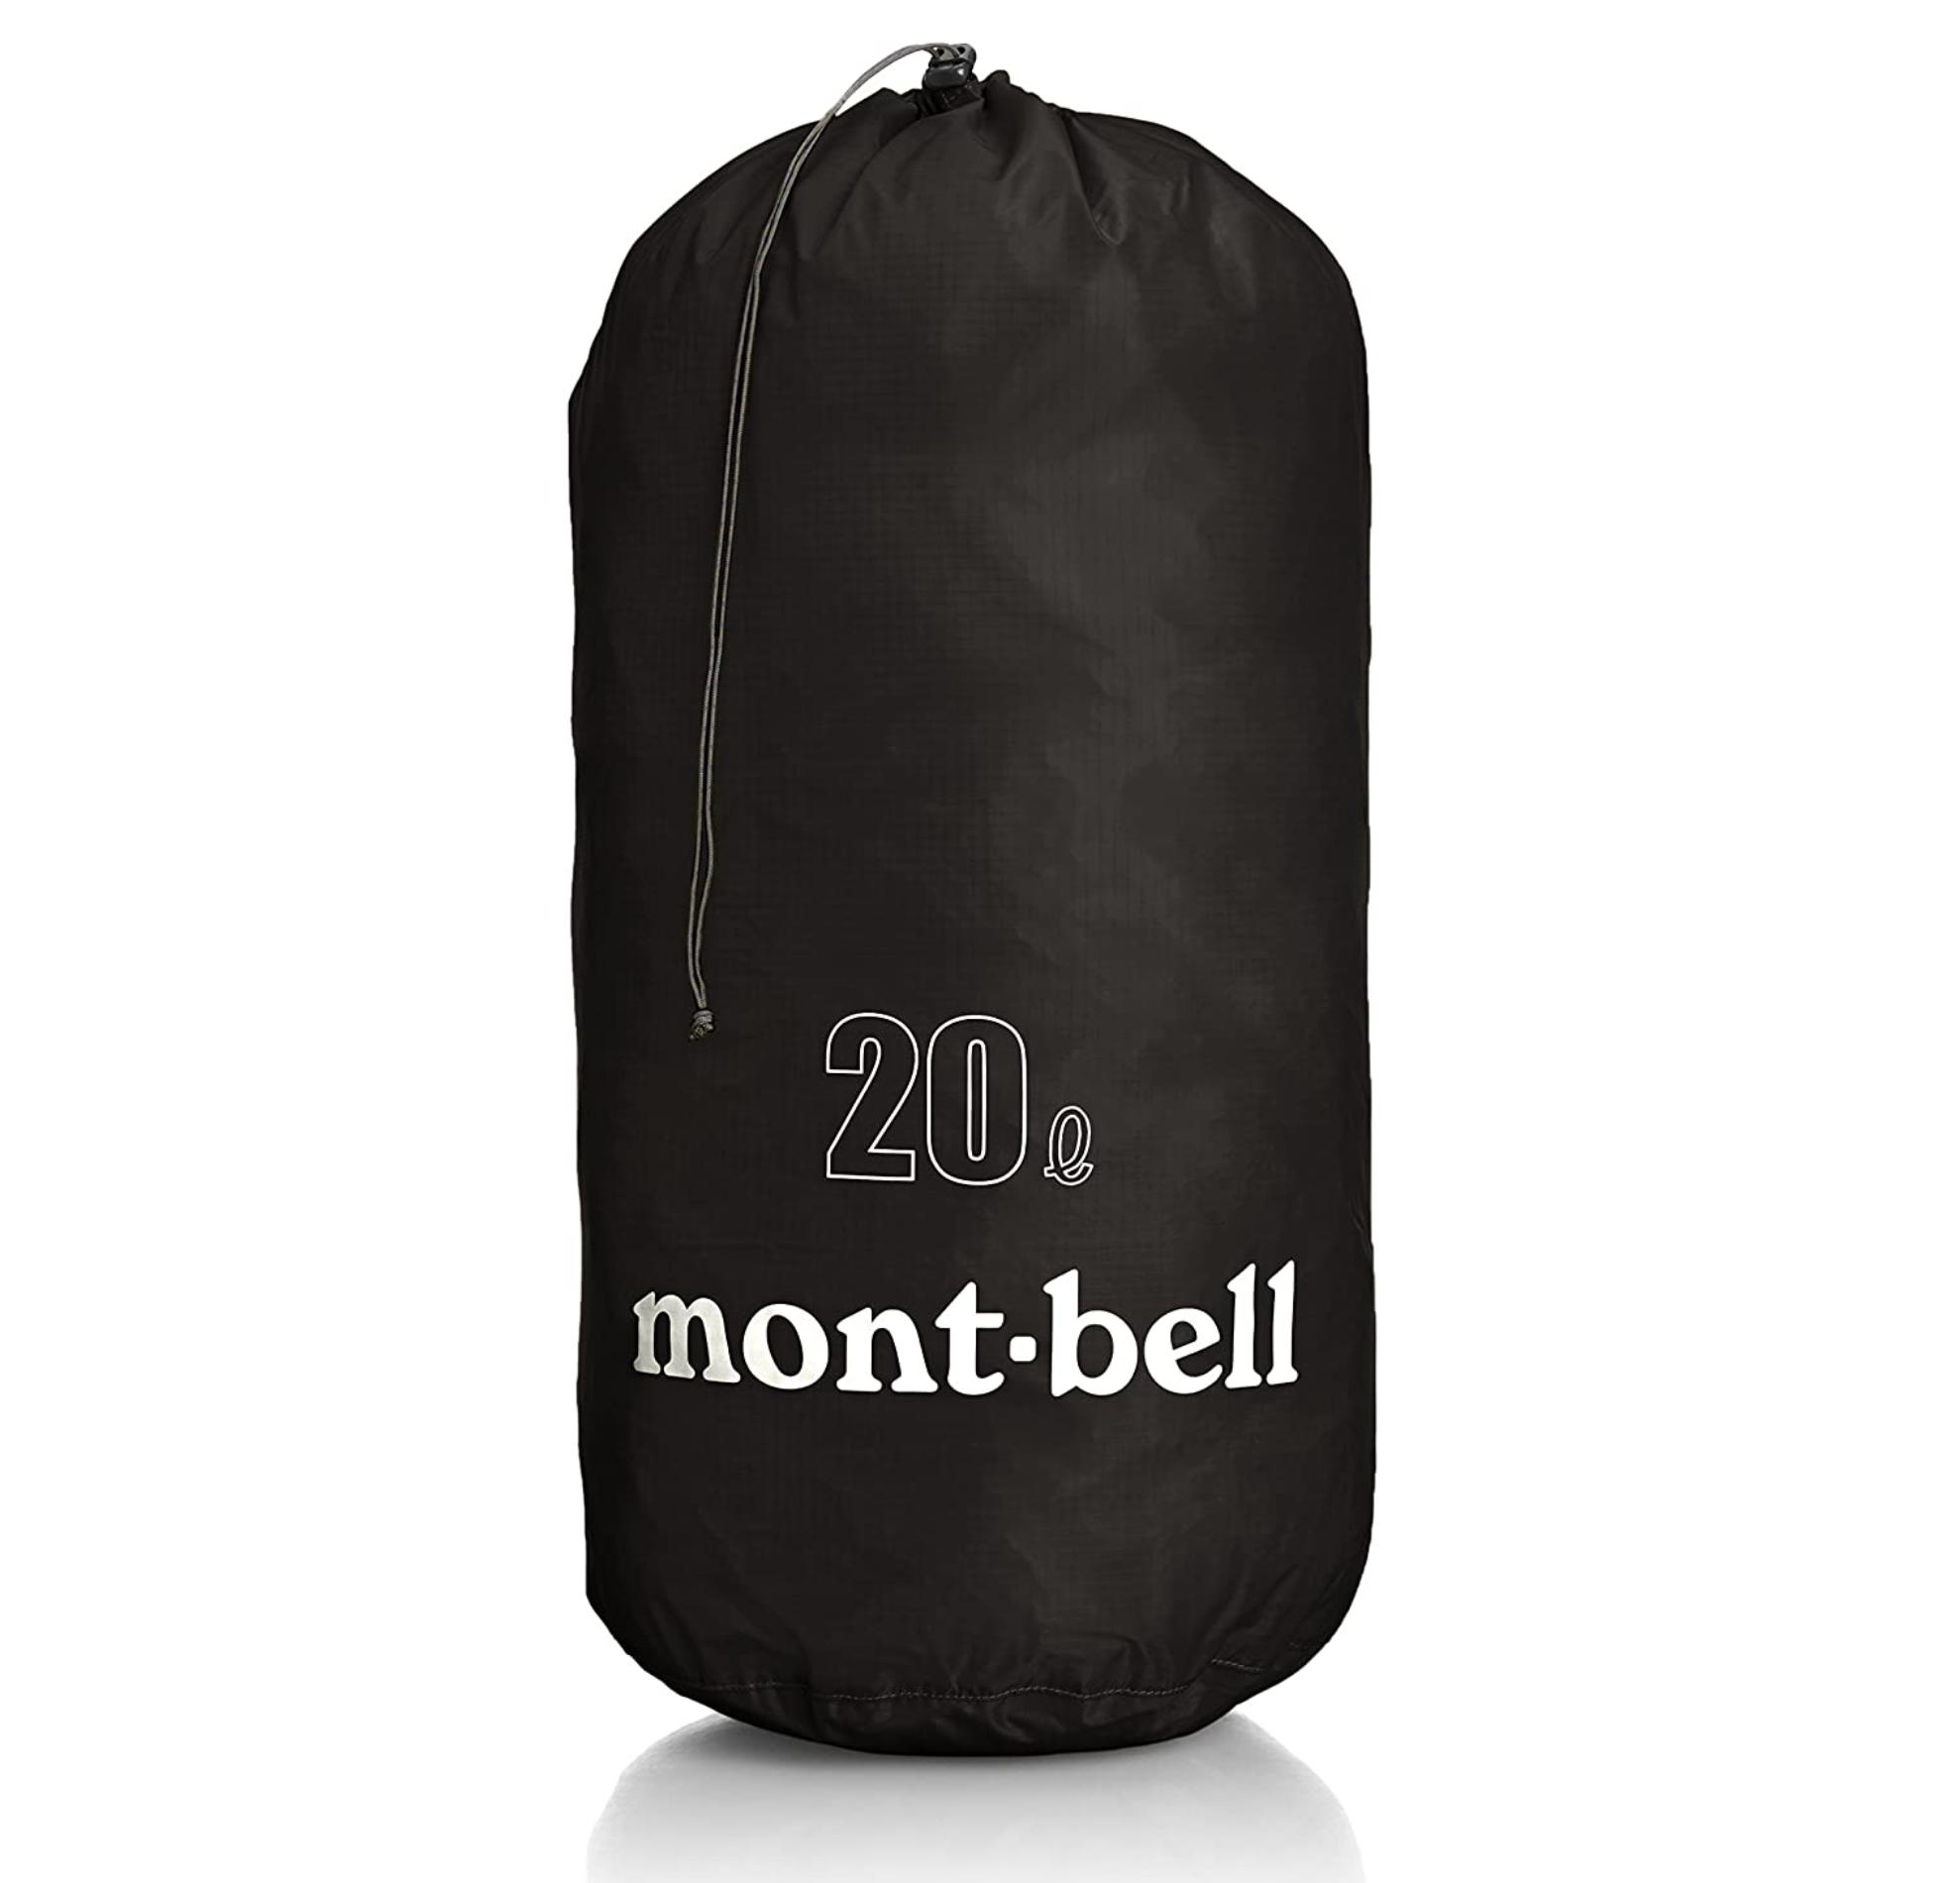 mont-bell(モンベル) ライトスタッフバッグ